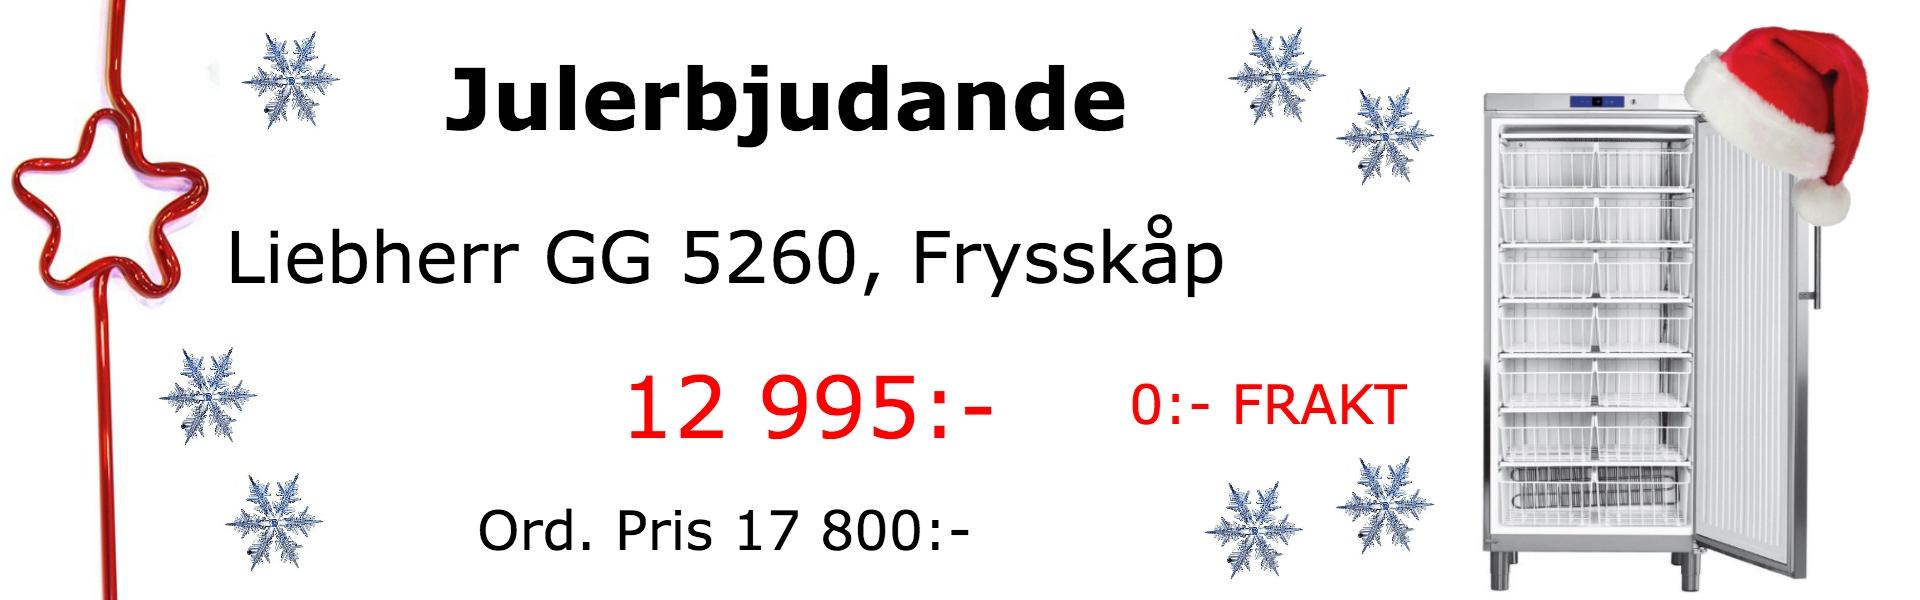 www.allans.se/porkka-liebherr-gg-5260-frysskap